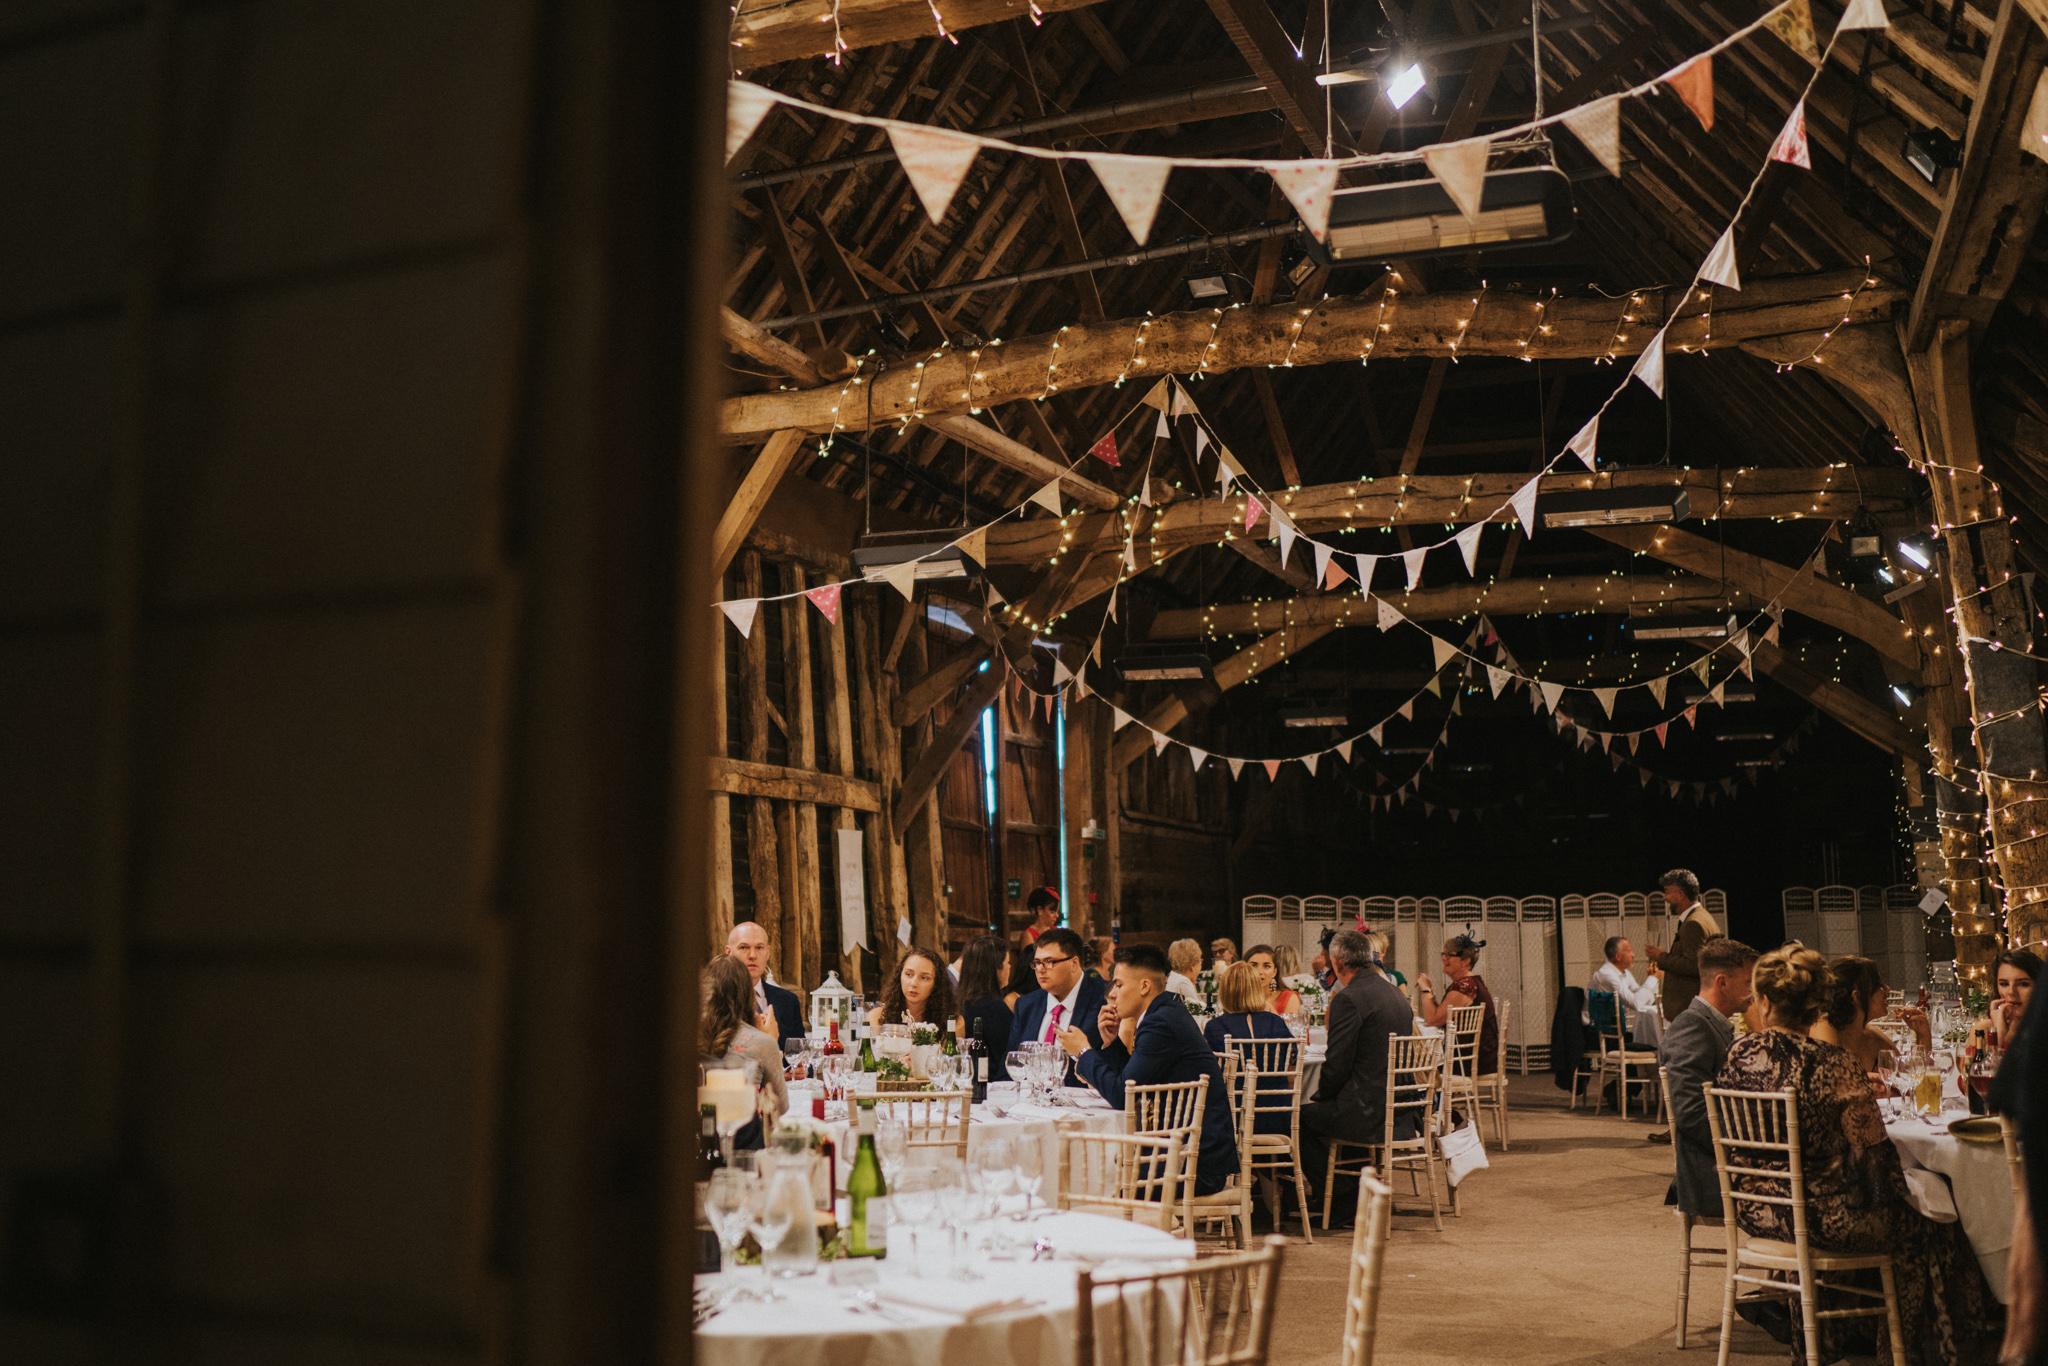 karen-tony-blackthorpe-barn-diy-wedding-grace-elizabeth-colchester-essex-alternative-wedding-lifestyle-photographer-essex-suffolk-norfolk-devon (34 of 35).jpg